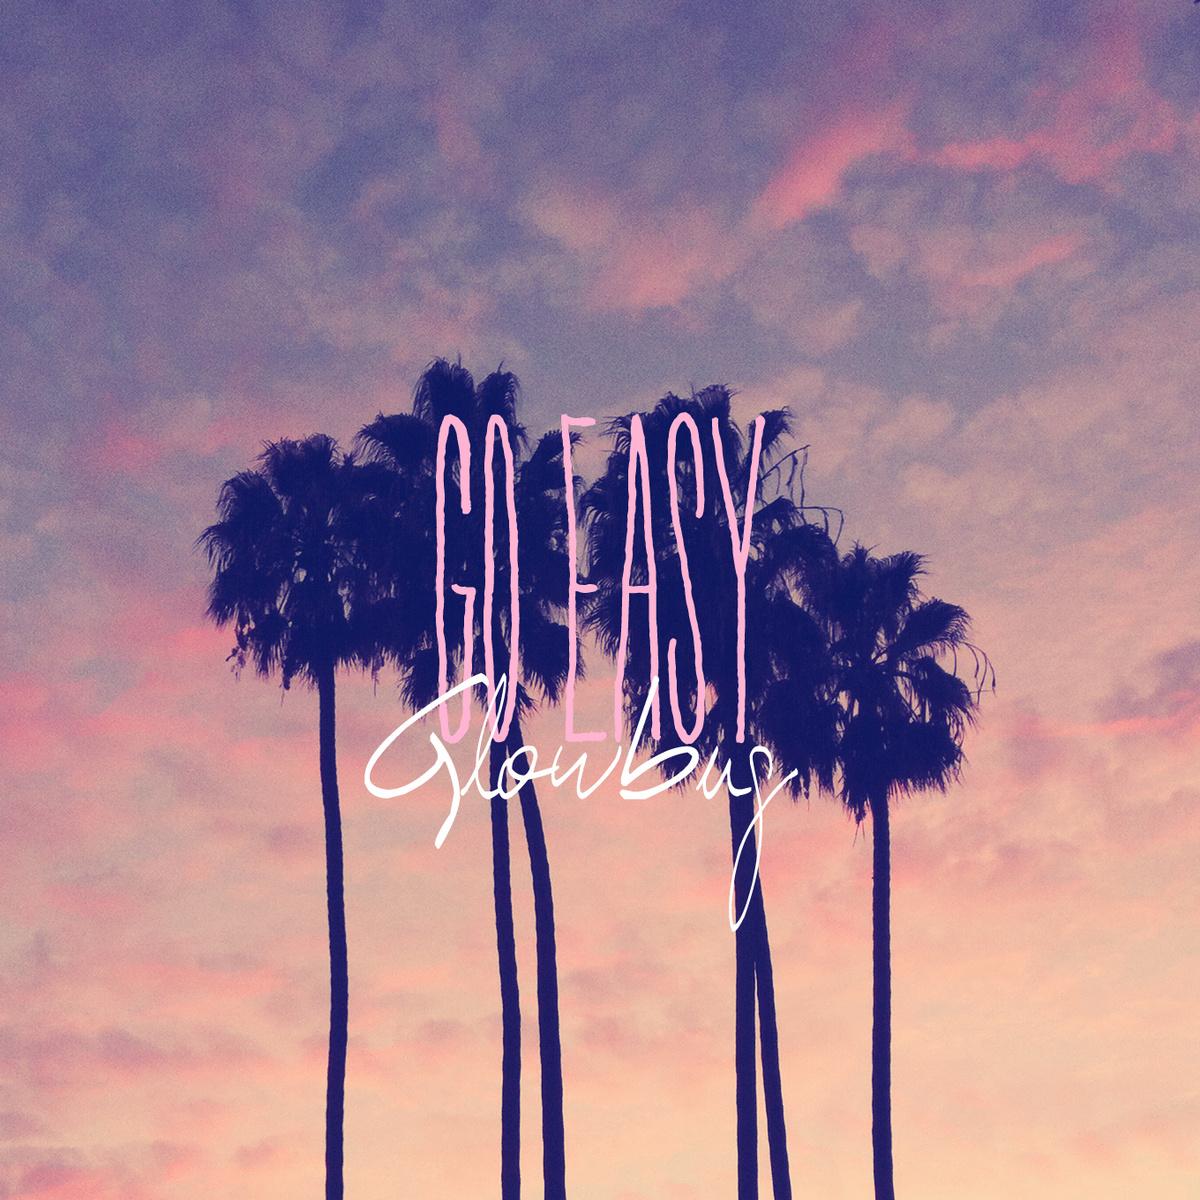 Glowbug - Go Easy